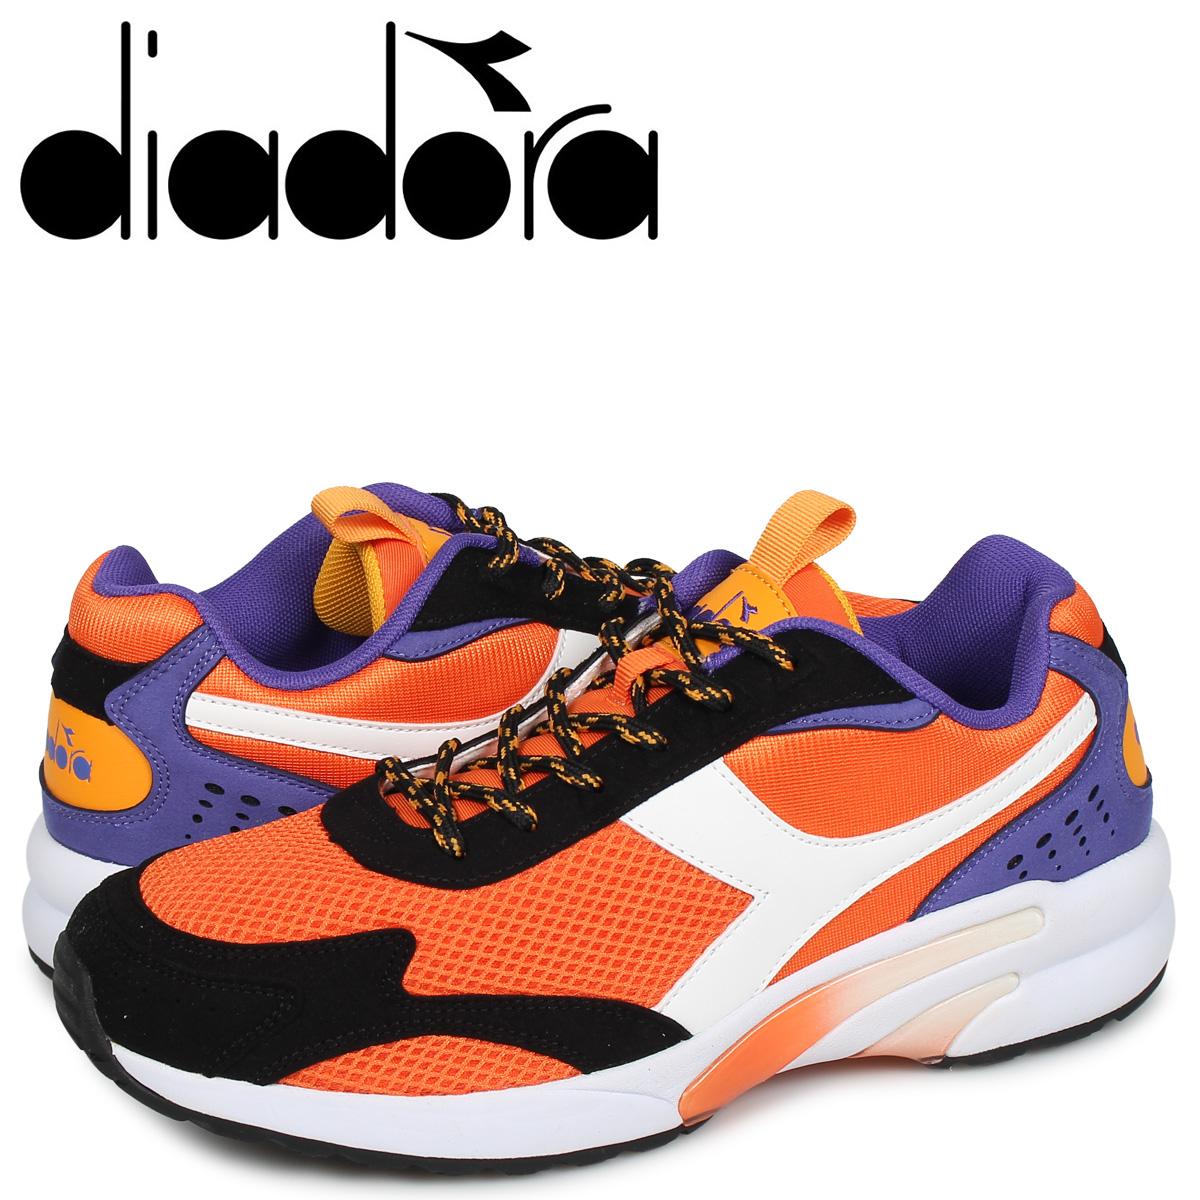 ディアドラ Diadora ディスタンス 280 スニーカー メンズ DISTANCE 280 オレンジ 175099-0051